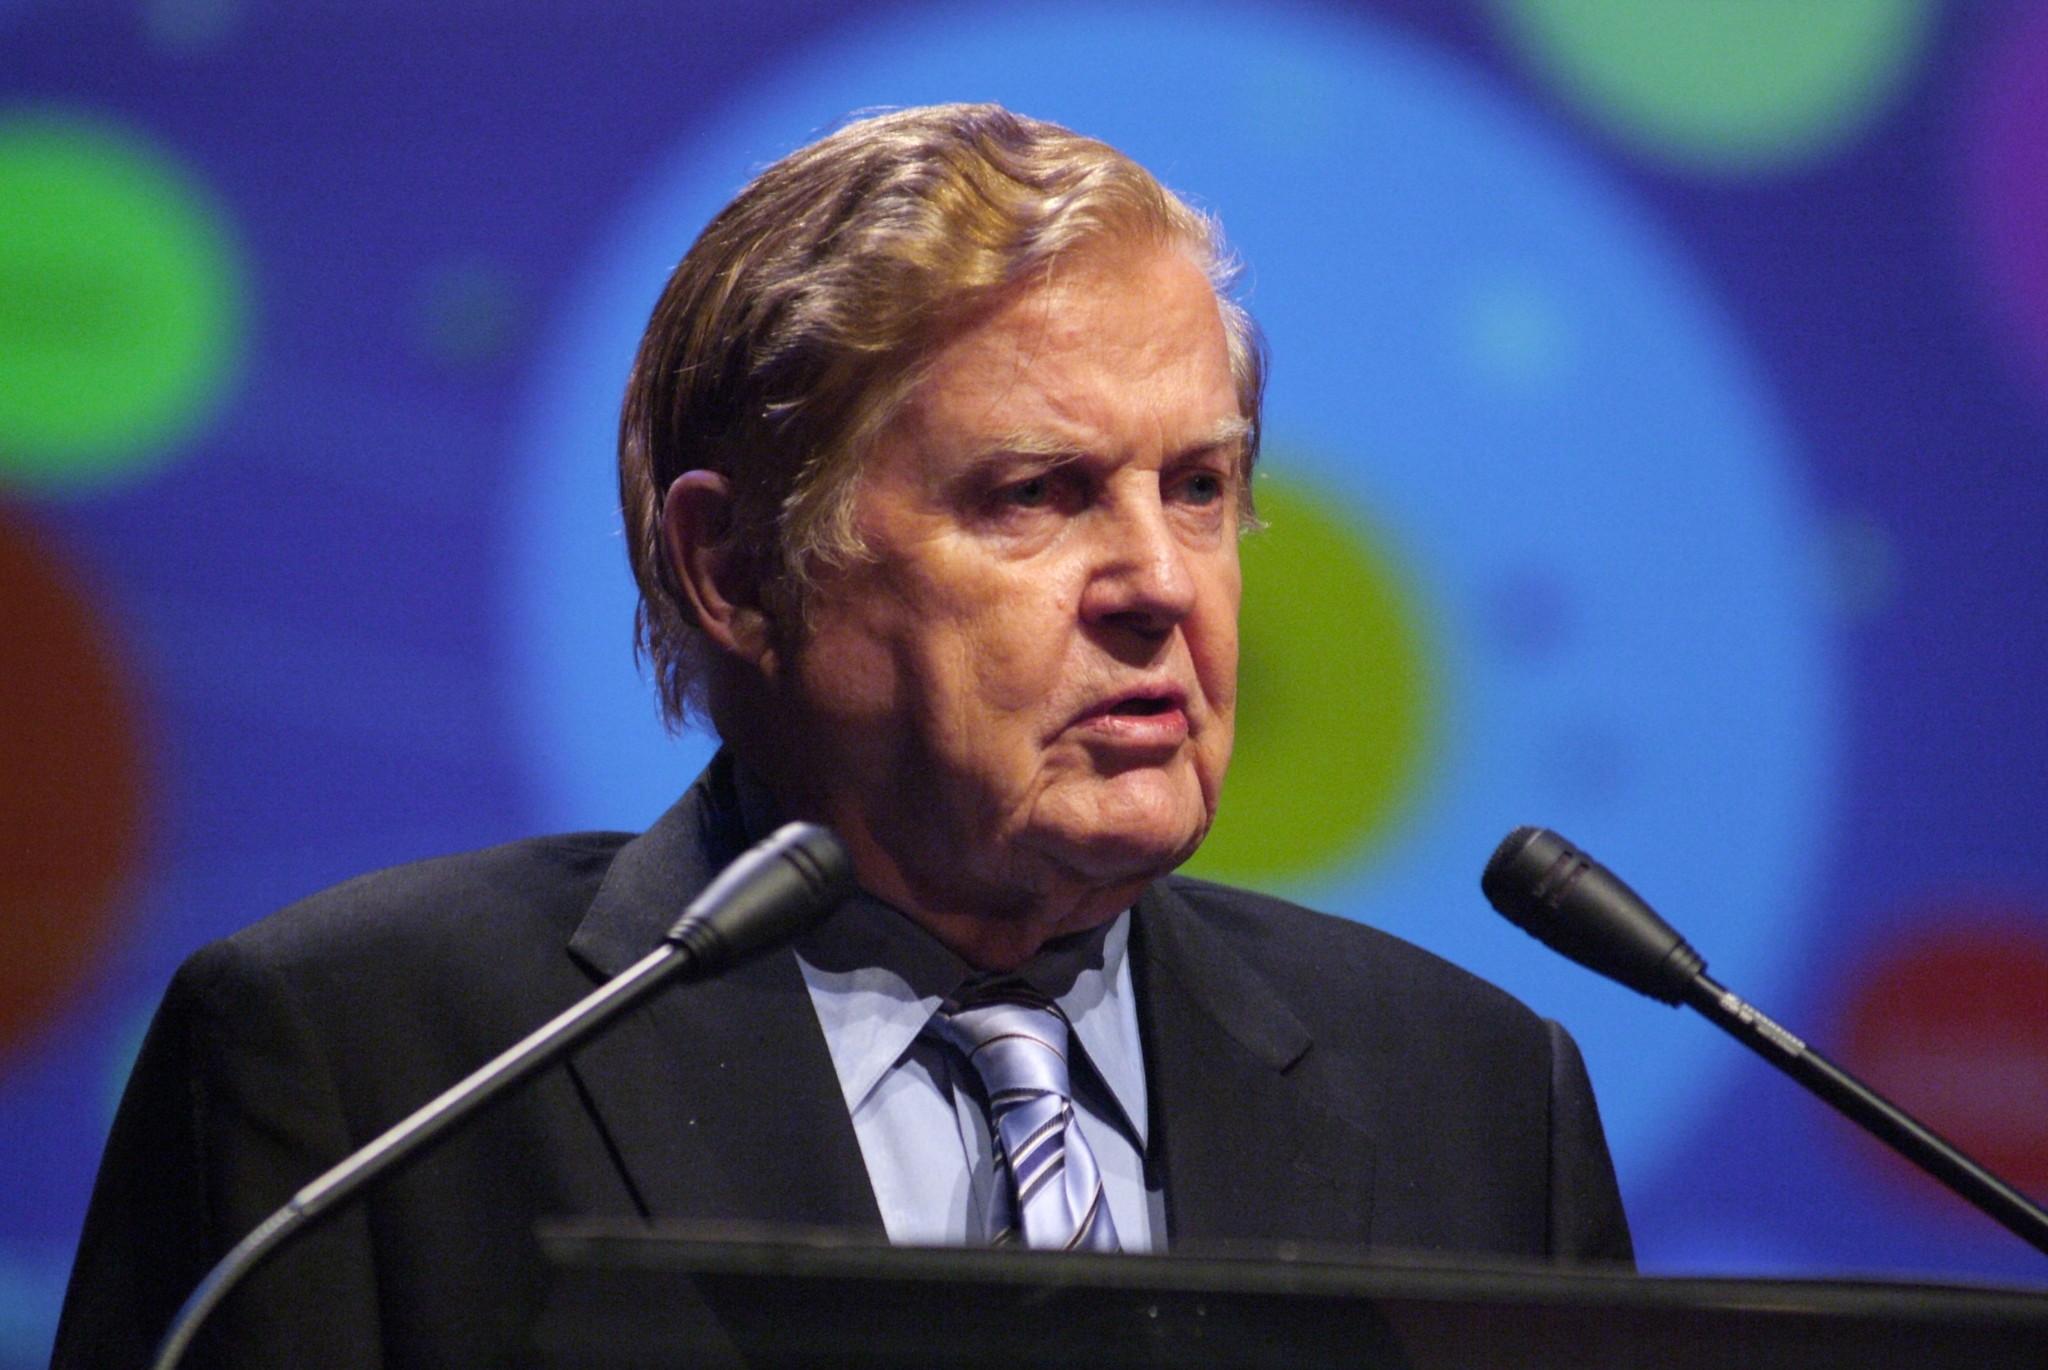 Economics Nobel Laureate Prof. Robert A. Mundell